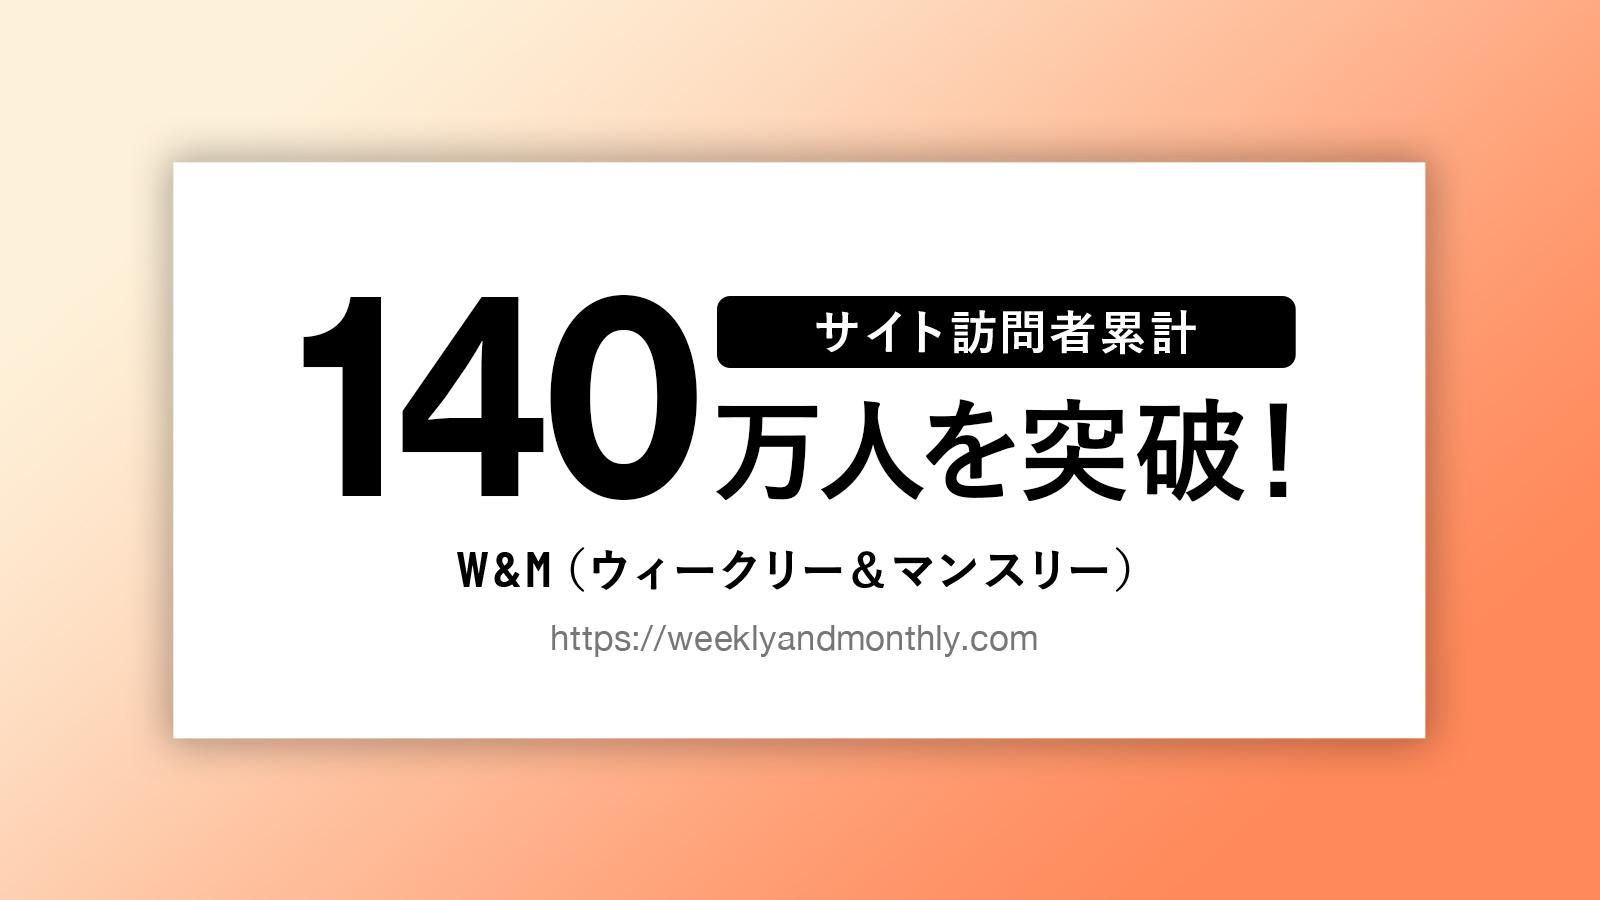 【PR】W&M(ウィークリー &マンスリー) サイト訪問者累計140万人を突破!